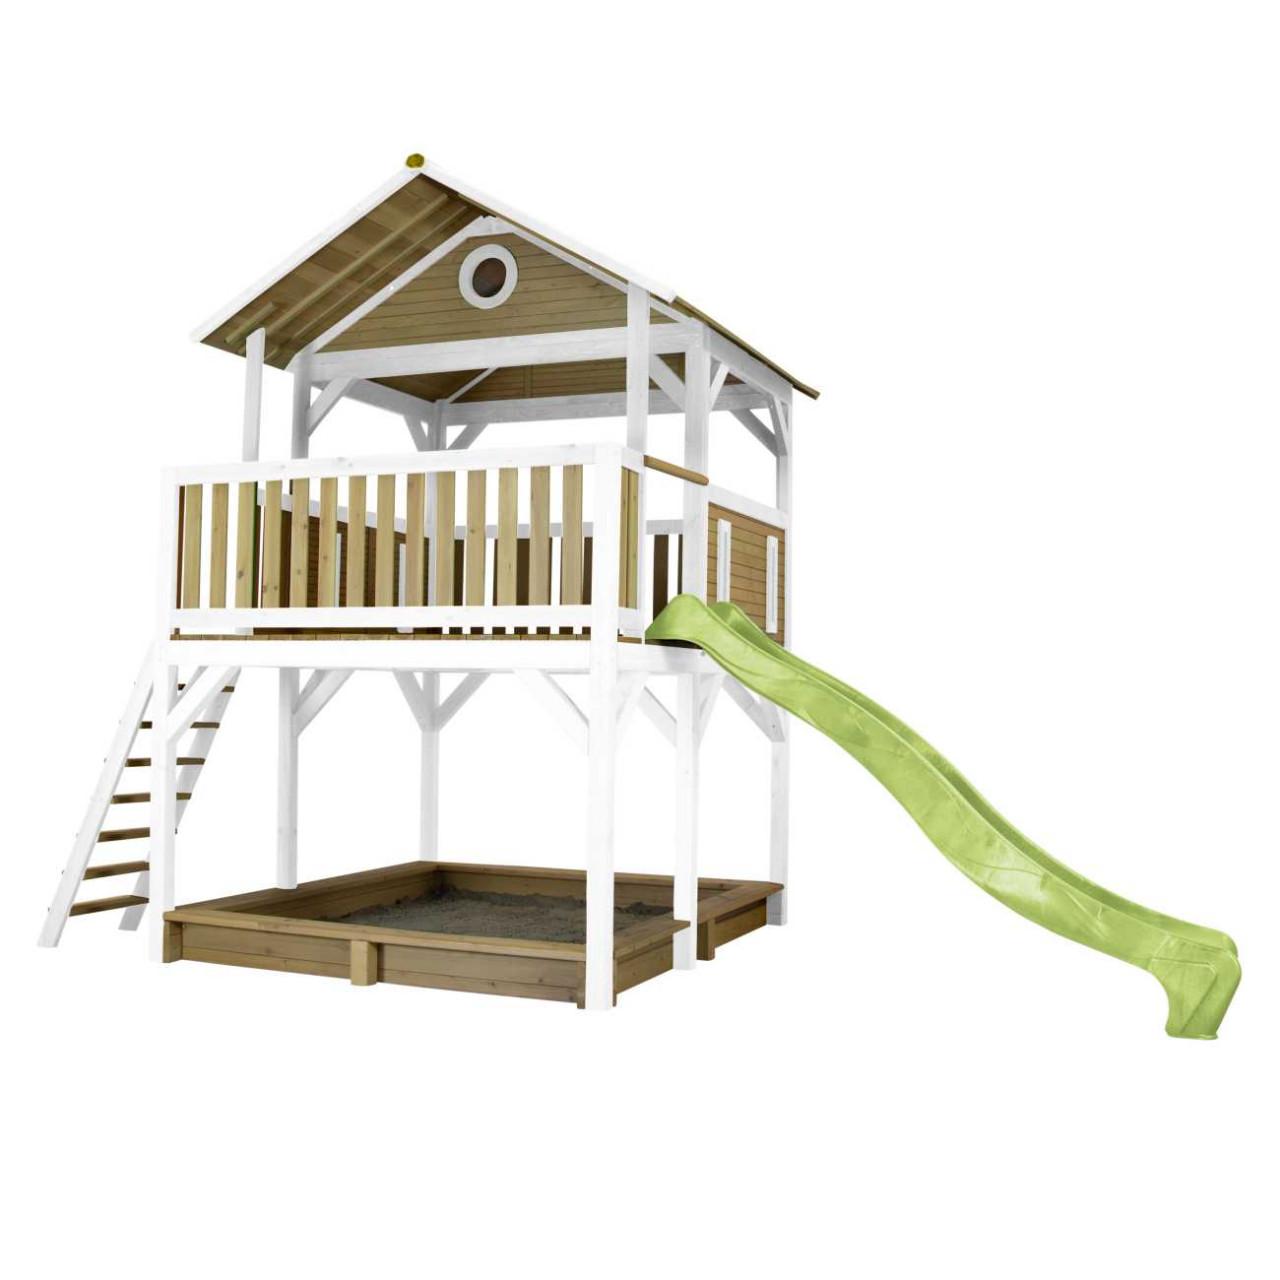 Spielturm Simba, Axi Spielturm, Kinder, Spielhaus, Garten